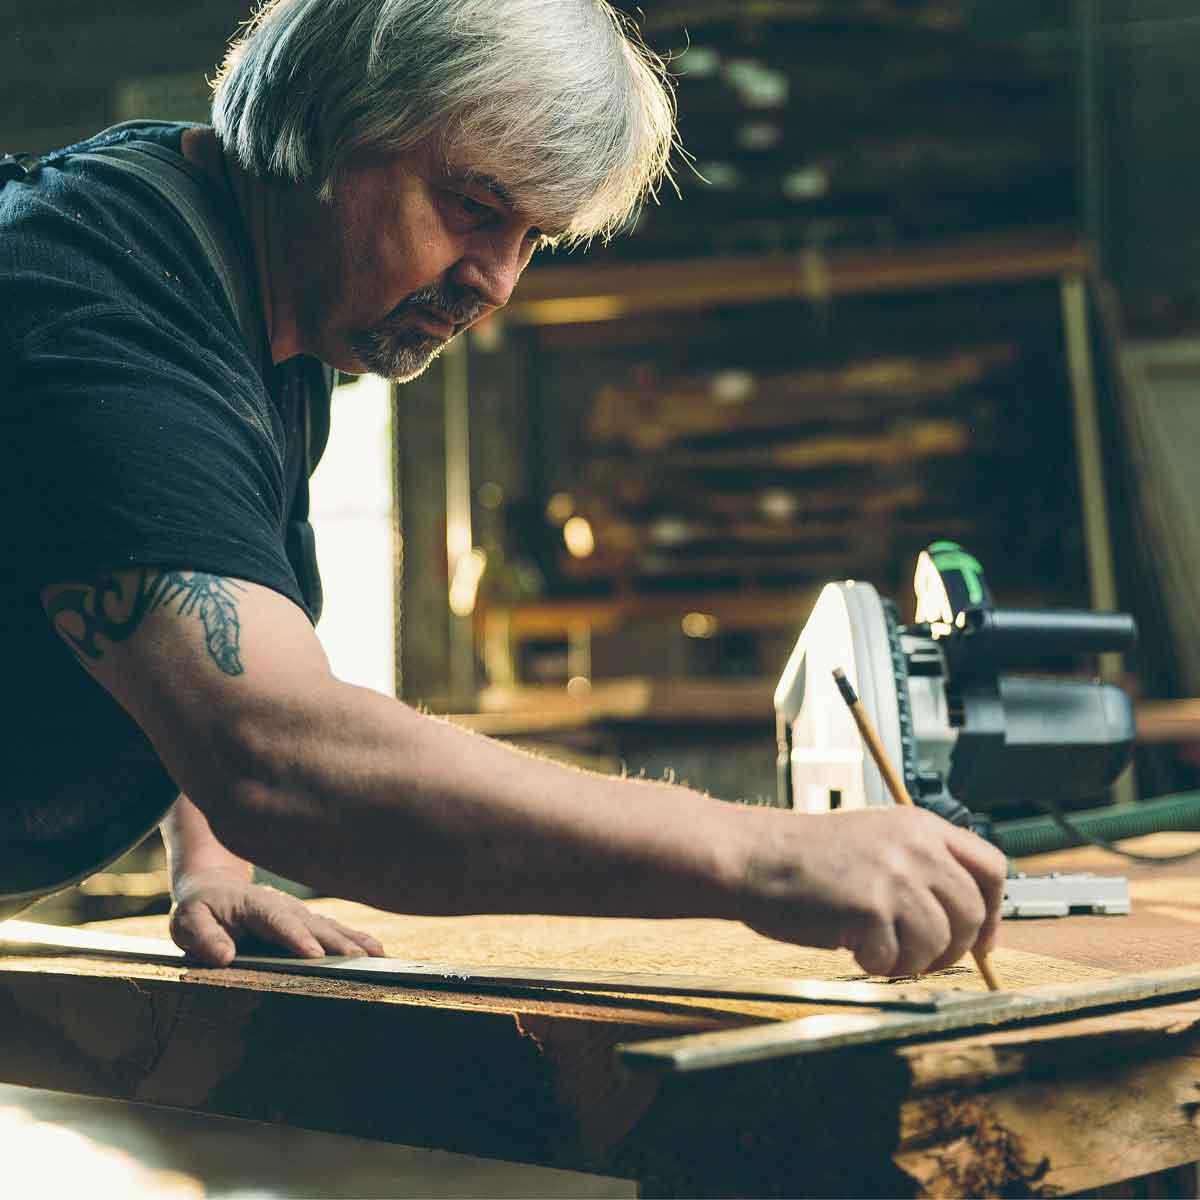 Furniture maker Kelly Maxwell